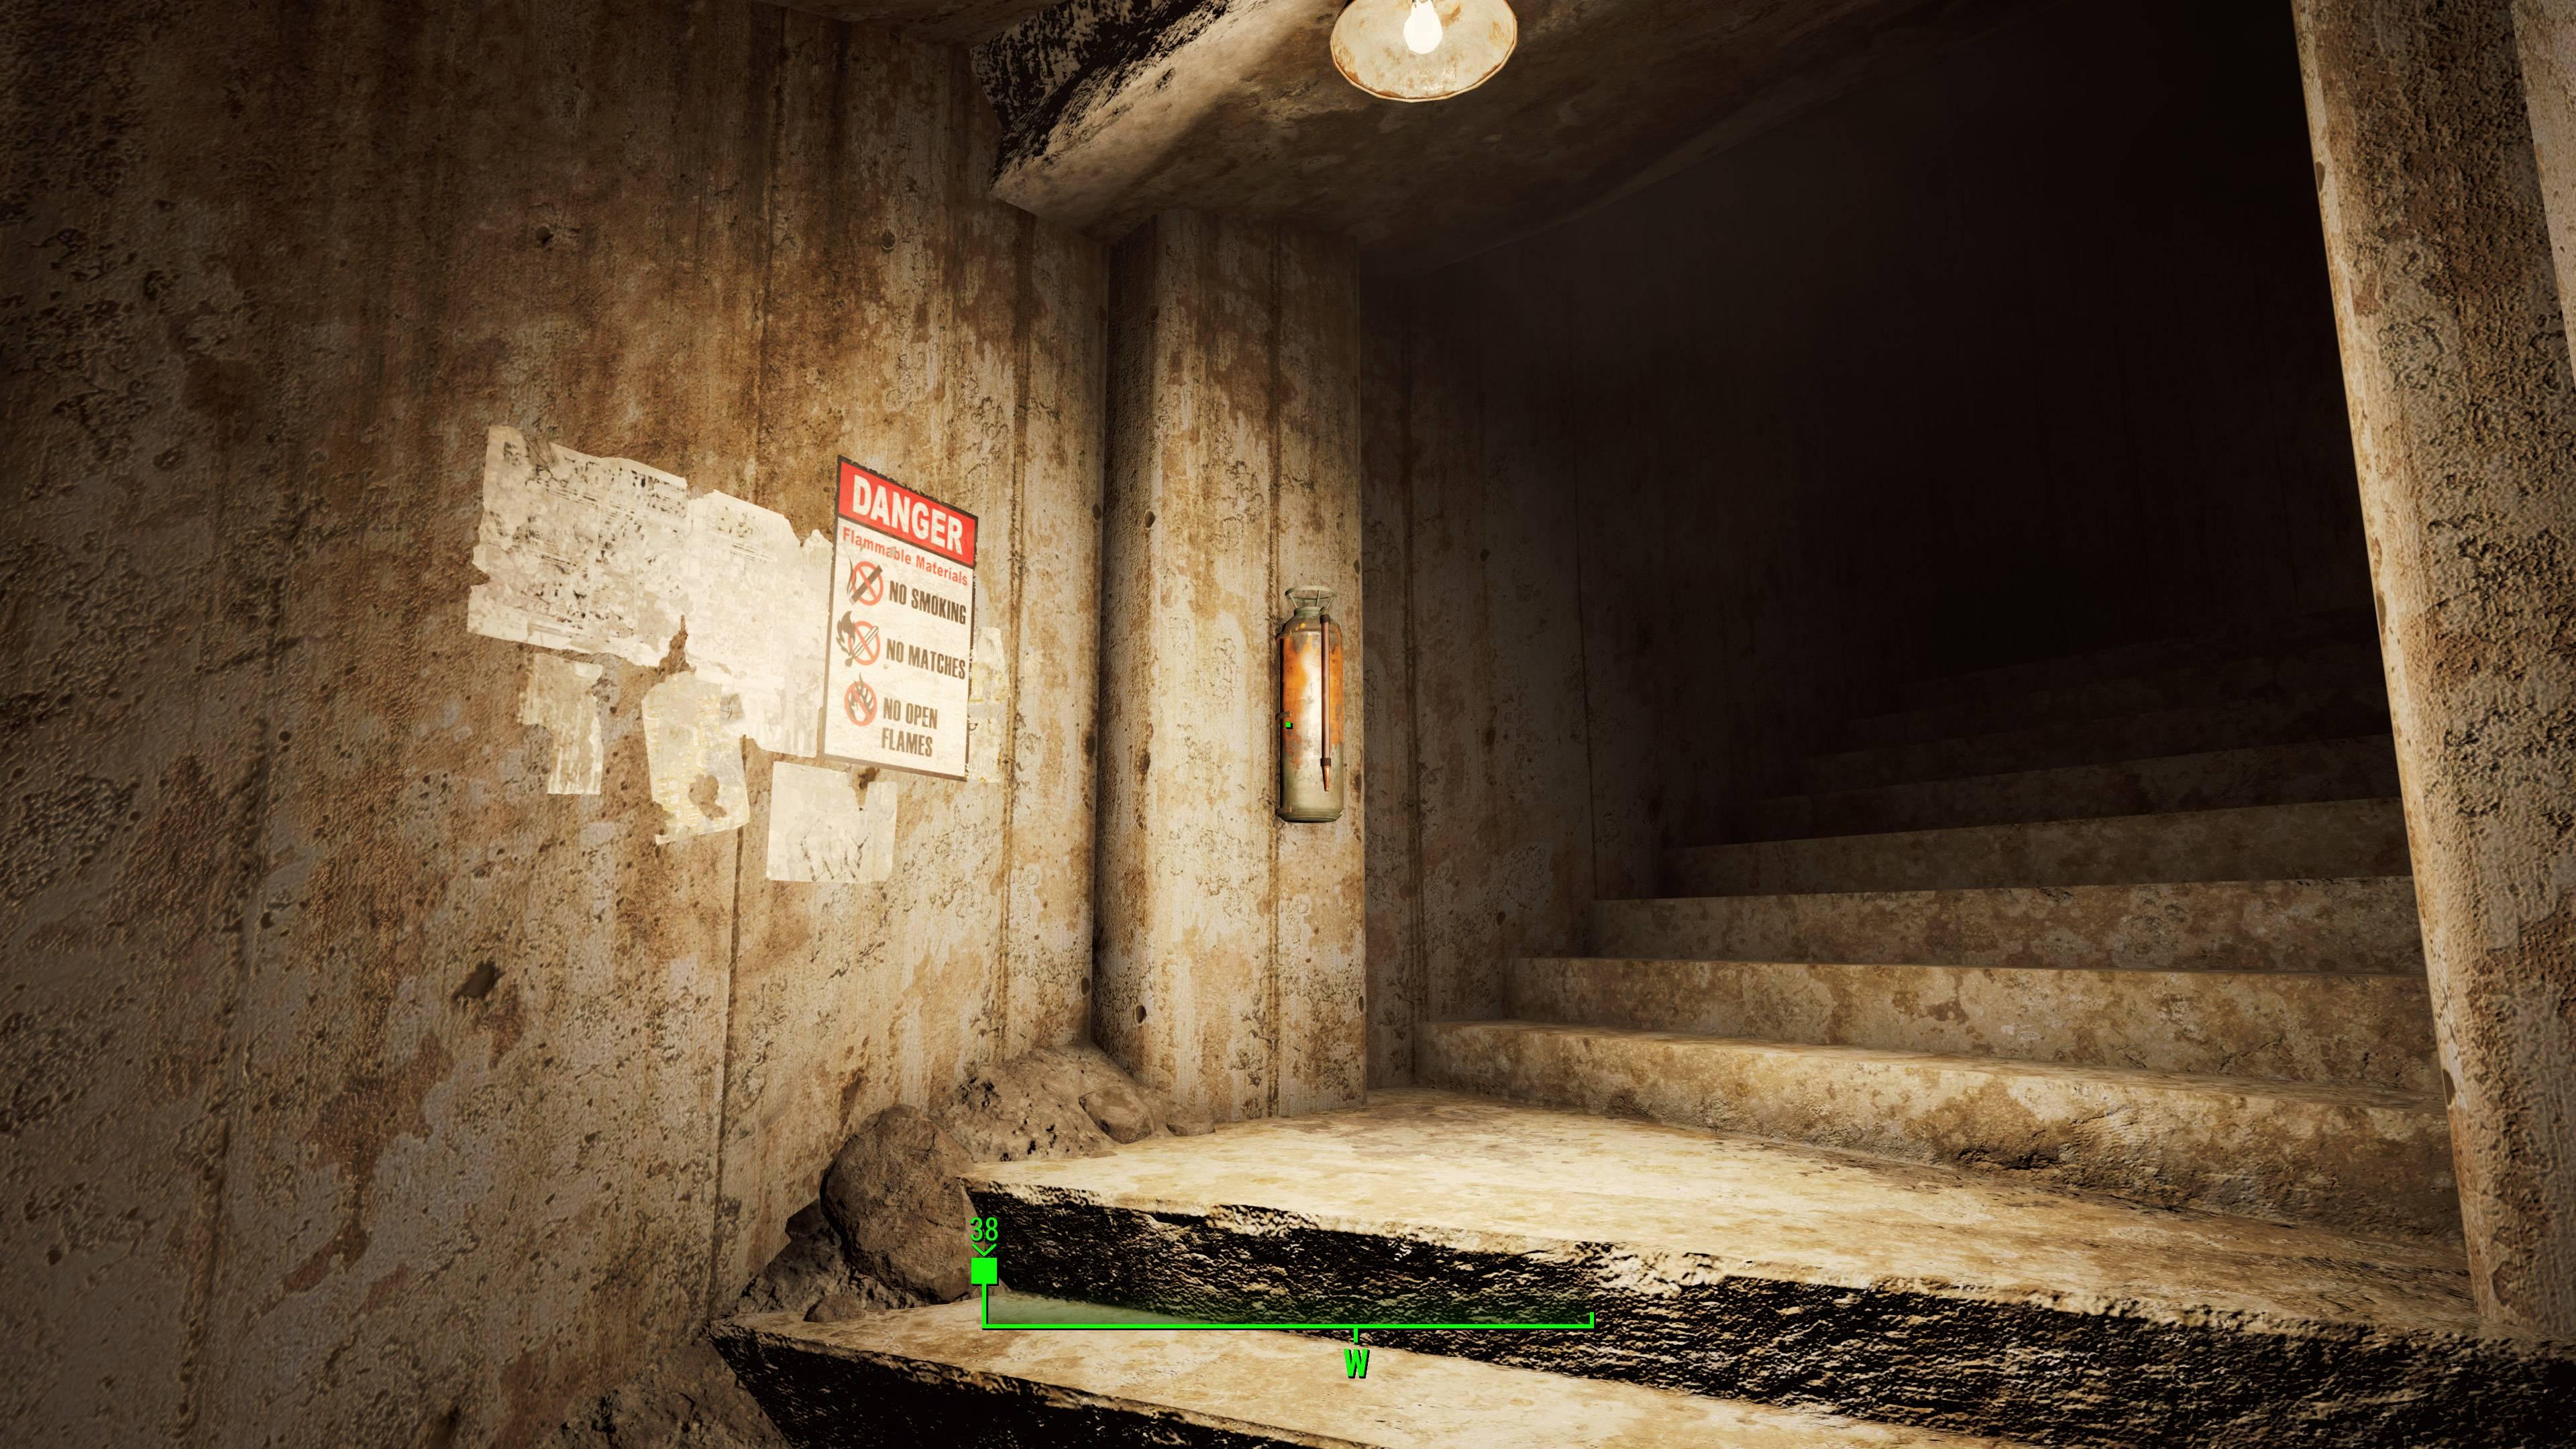 PC verzi Falloutu 4 můžete obohatit o textury ve vysokém rozlišení 138015